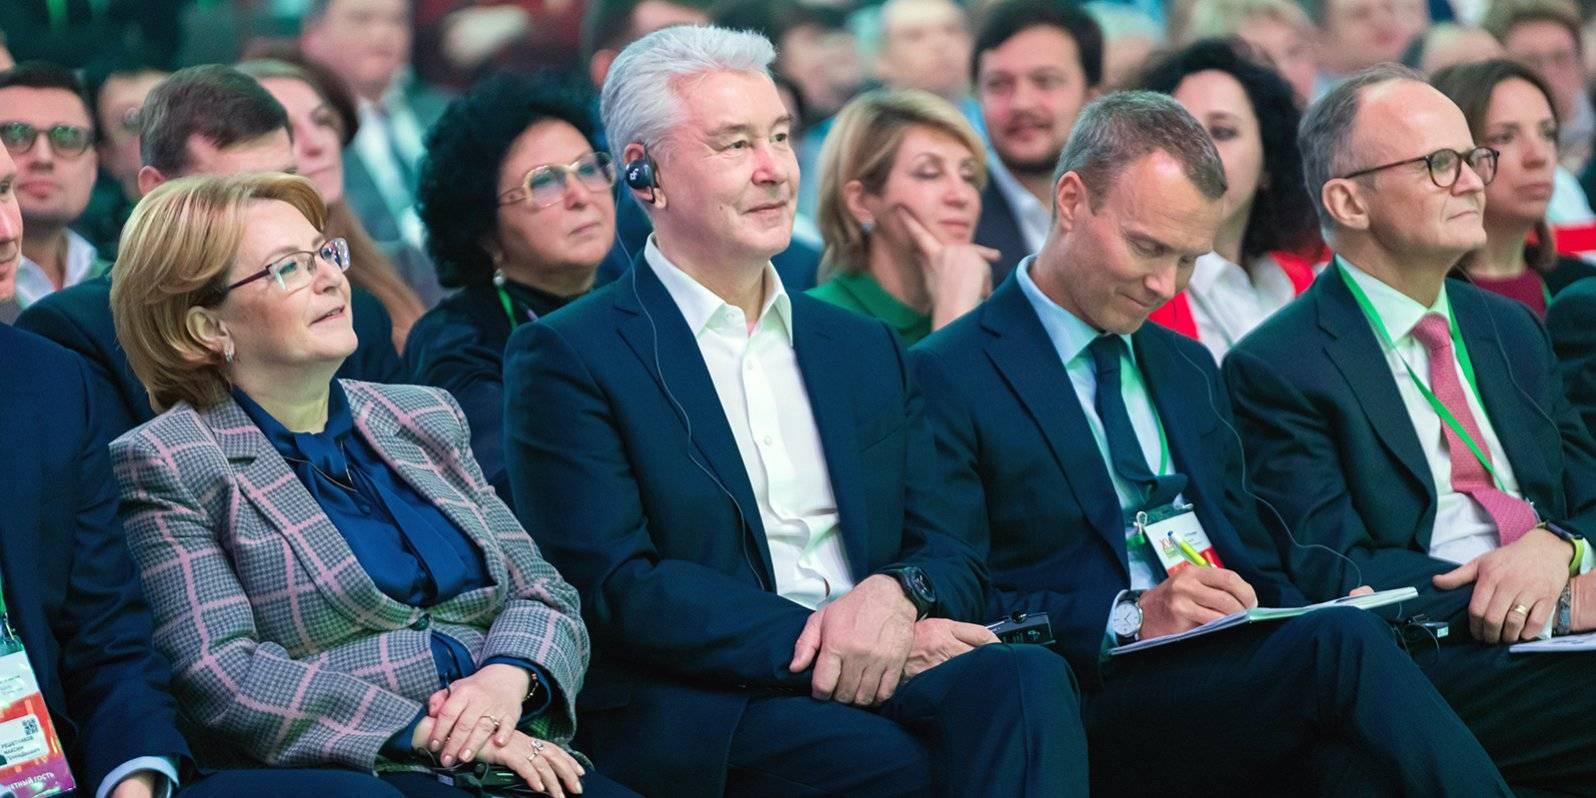 Развитие цифровизации в здравоохранении обсудили на ассамблее в Москве